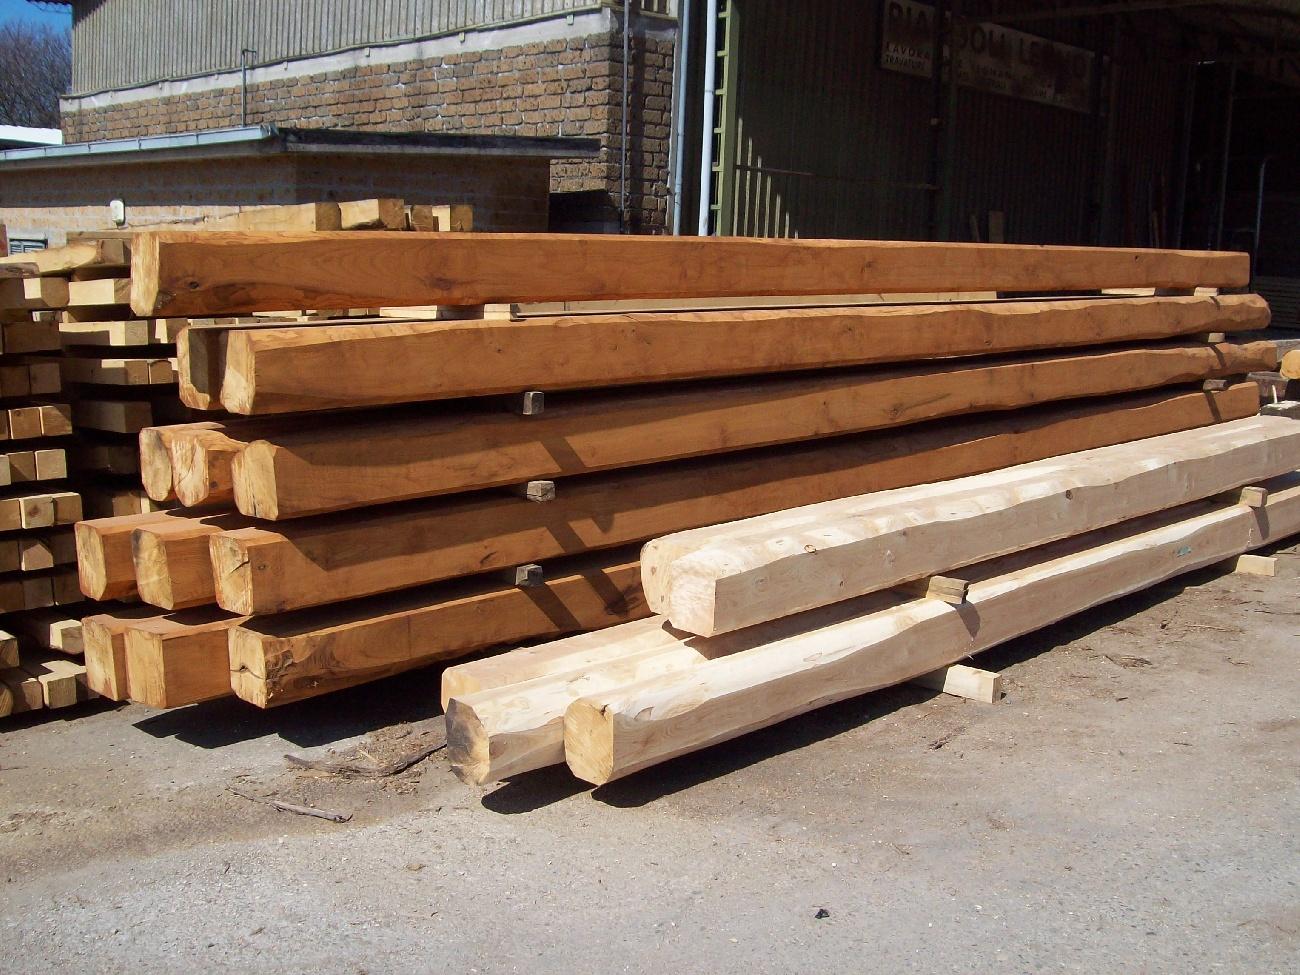 Vendita travi legno pannelli termoisolanti for Pannelli in legno lamellare prezzi